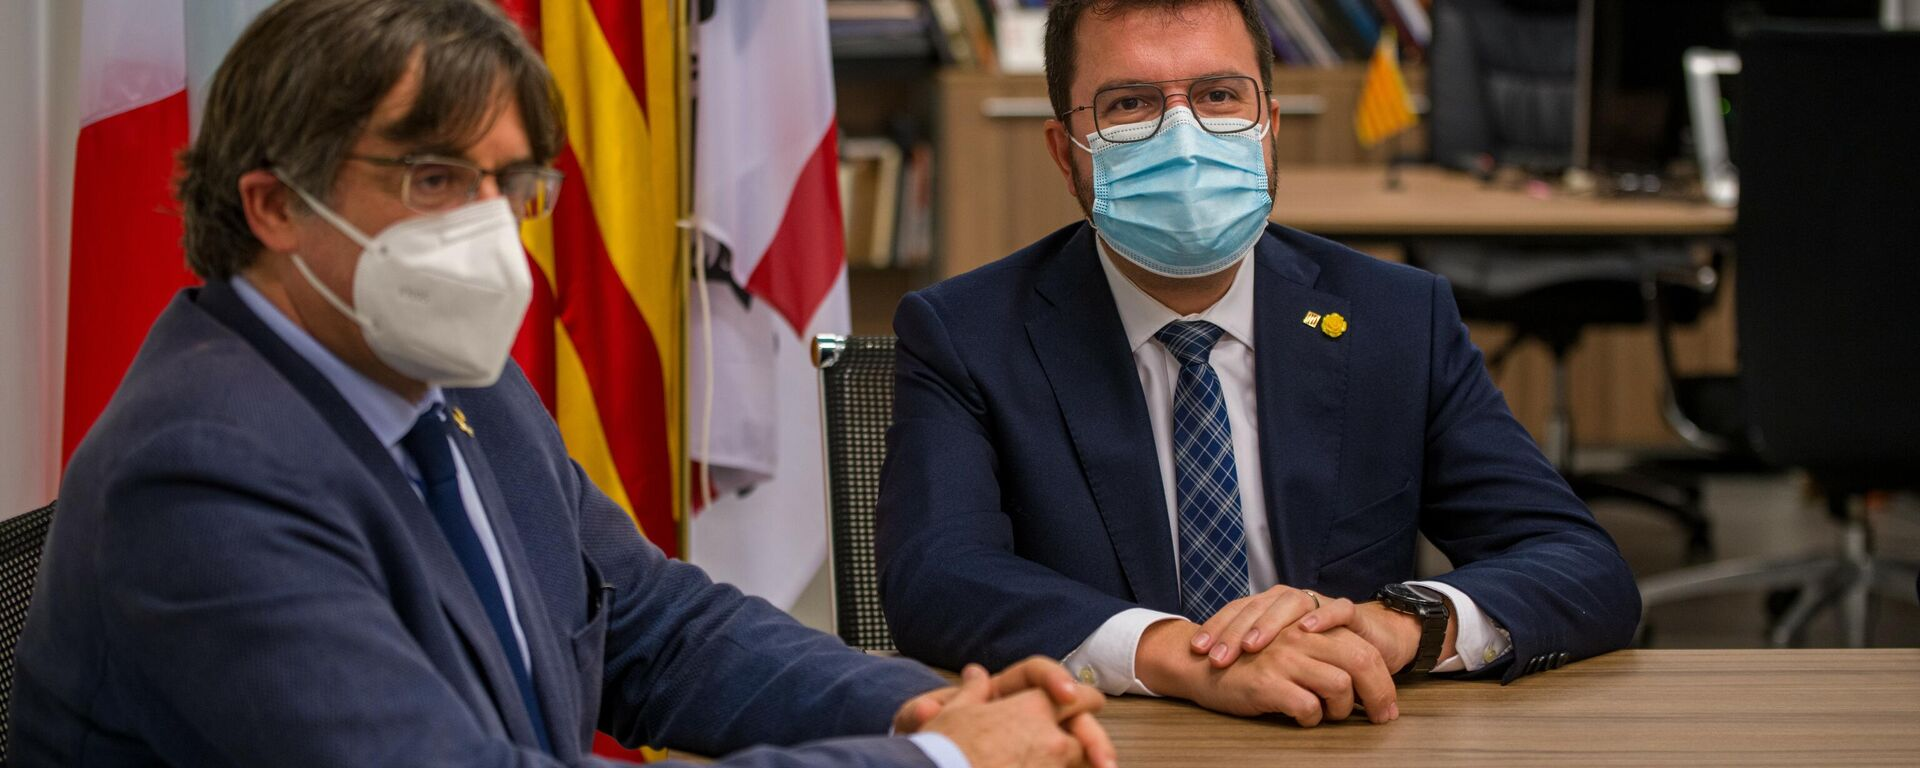 El expresidente de la Generalitat Carles Puigdemont (i) y el actual presidente, Pere Aragonès (d) - Sputnik Mundo, 1920, 27.09.2021